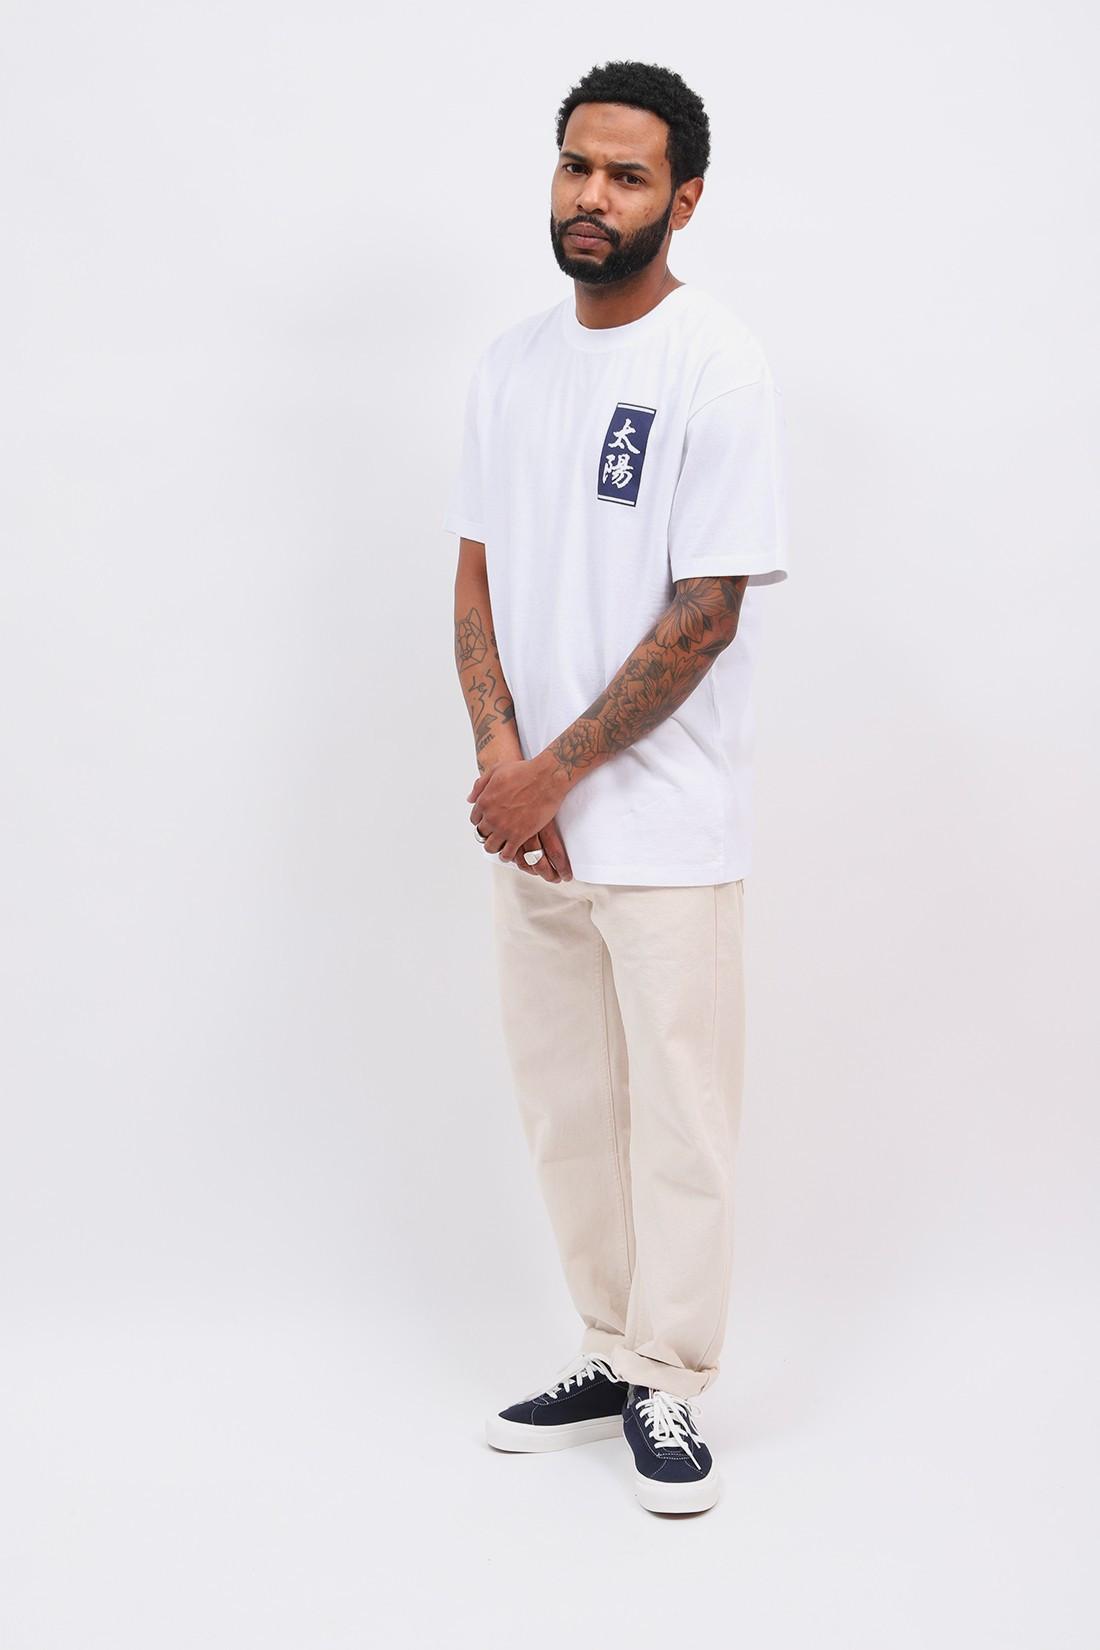 EDWIN / Tarot deck tee shirt White